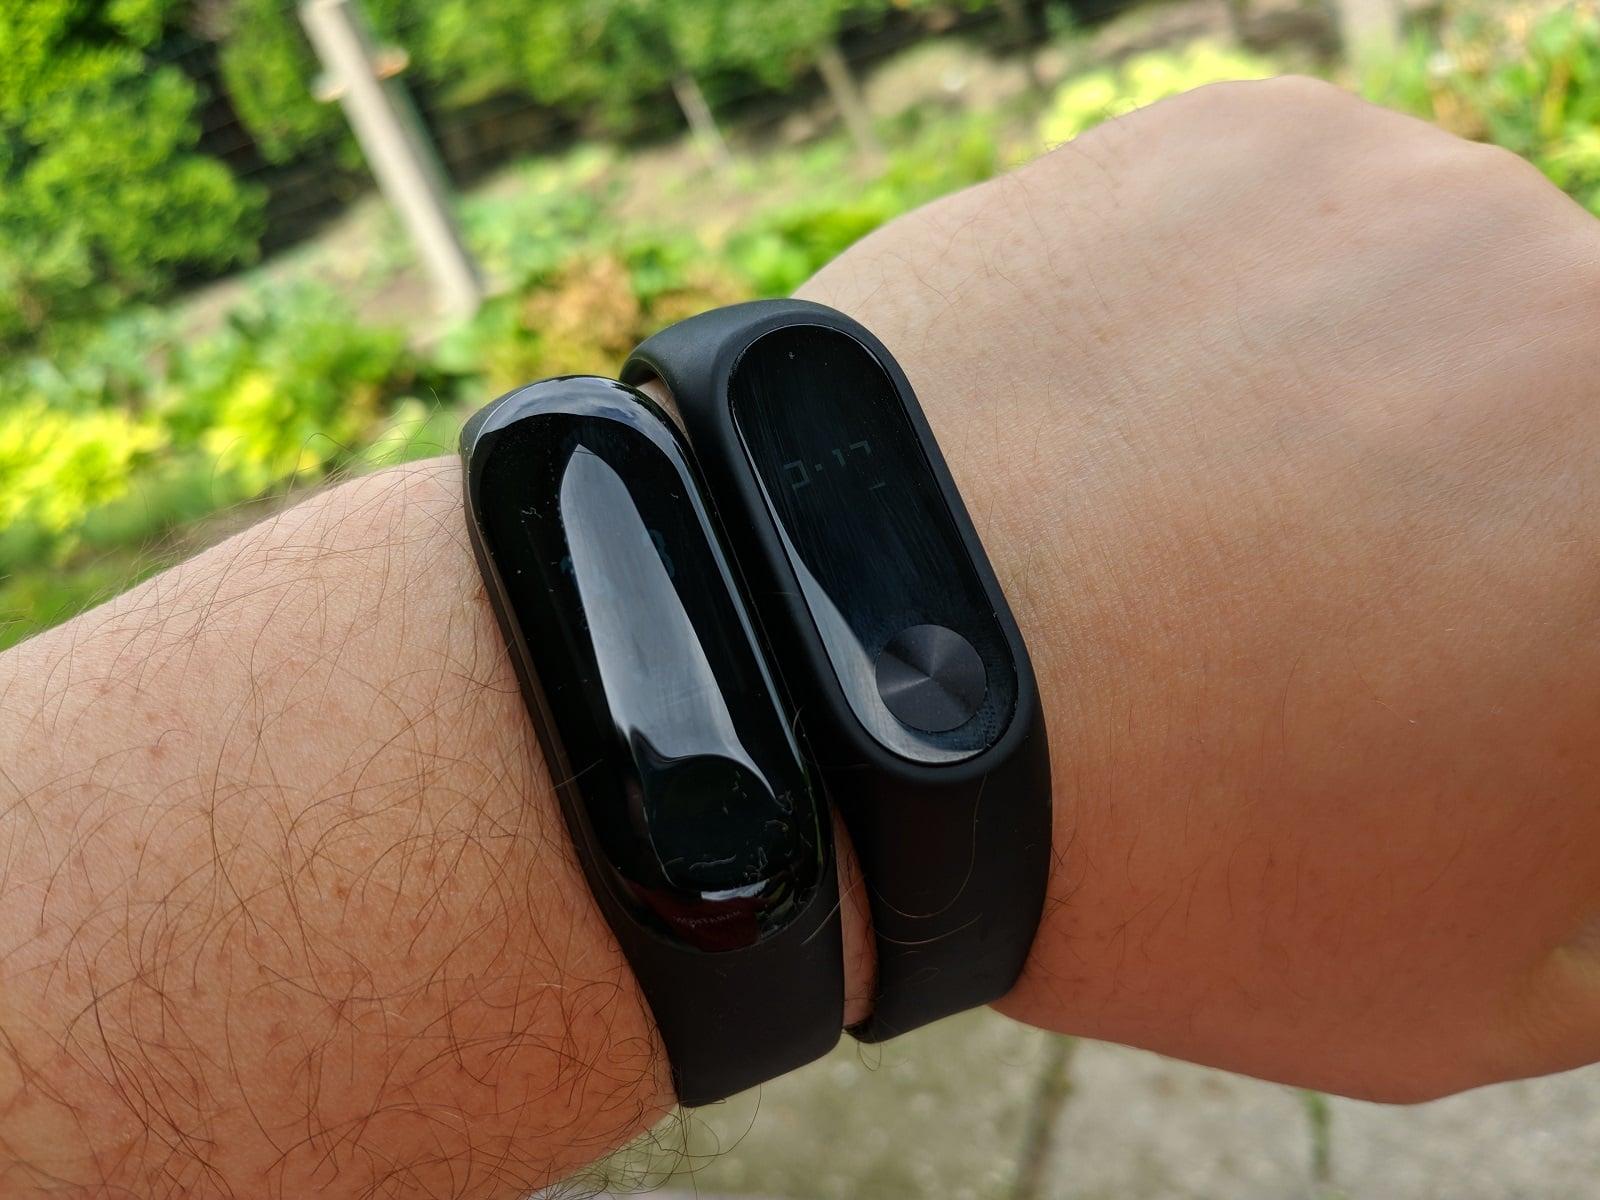 Recenzja Xiaomi Mi Band 3. Czy na taką opaskę czekaliśmy? 26